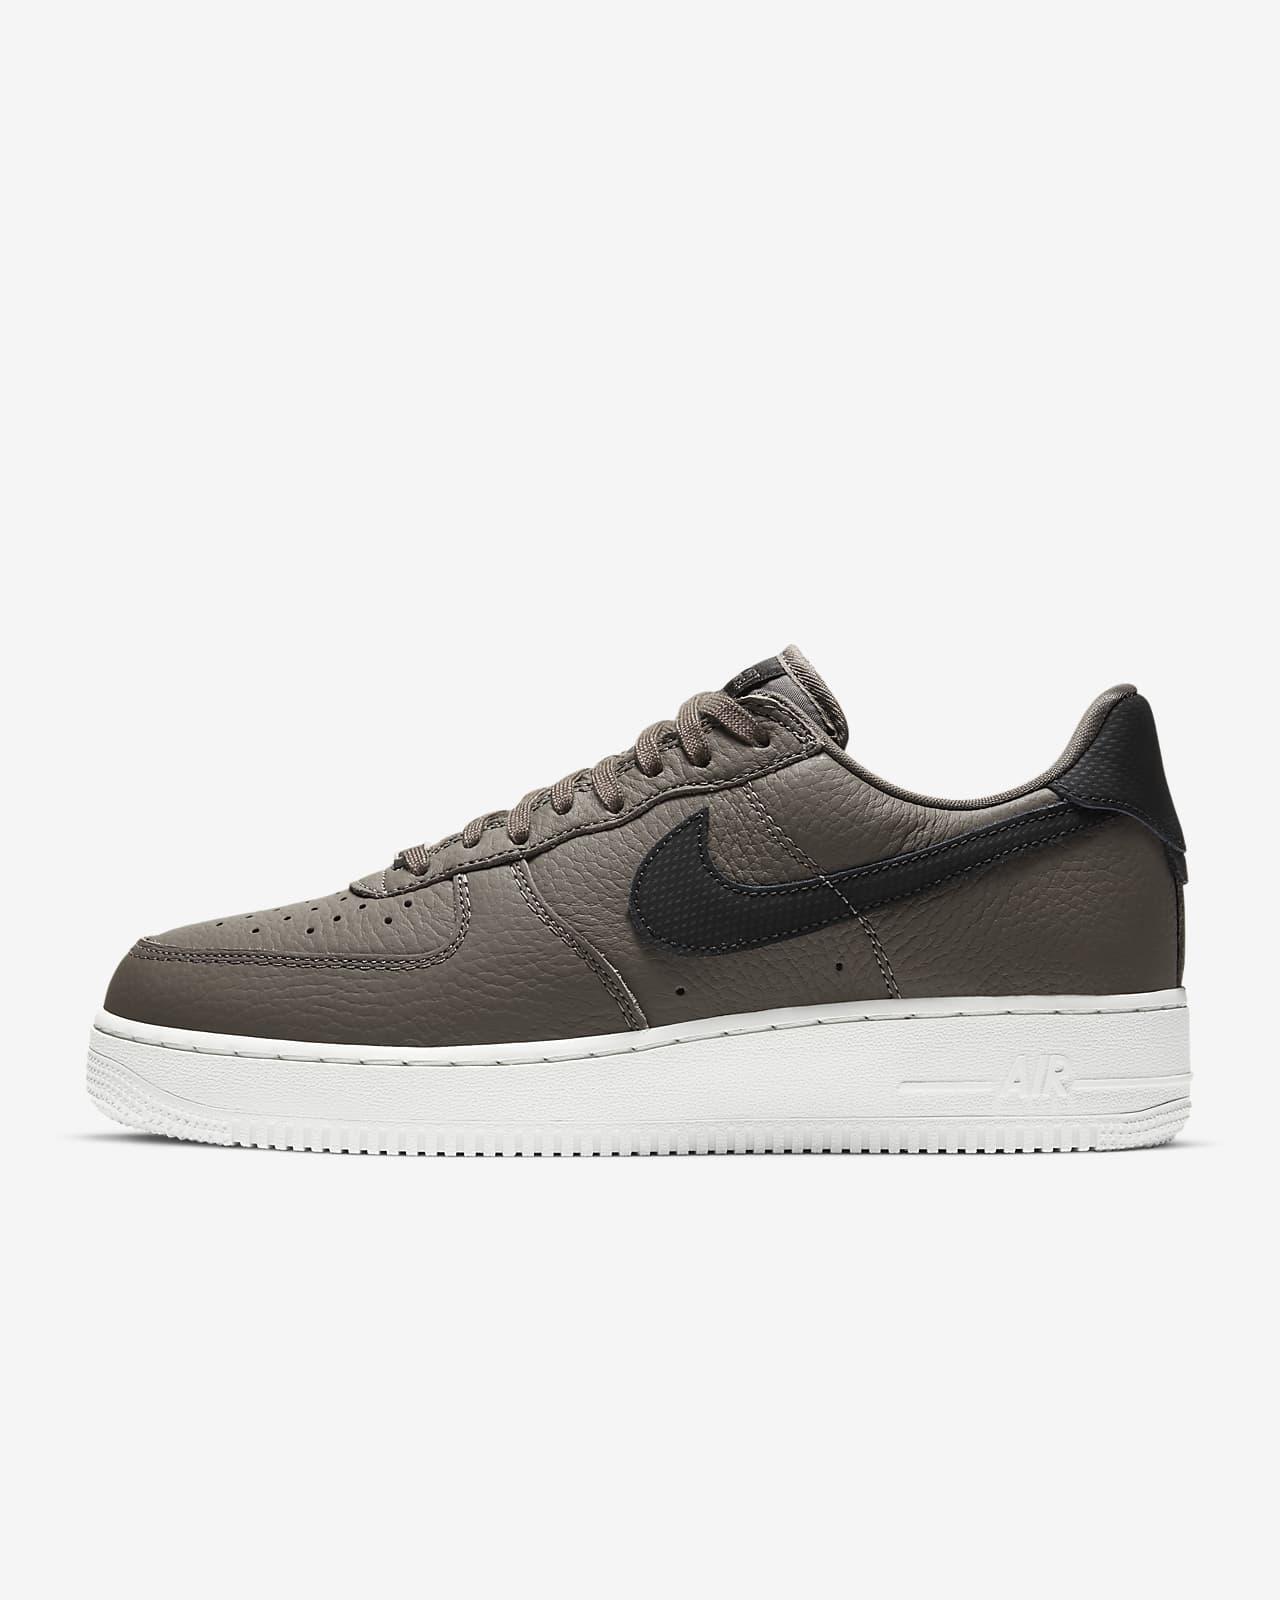 รองเท้าผู้ชาย Nike Air Force 1 '07 Craft